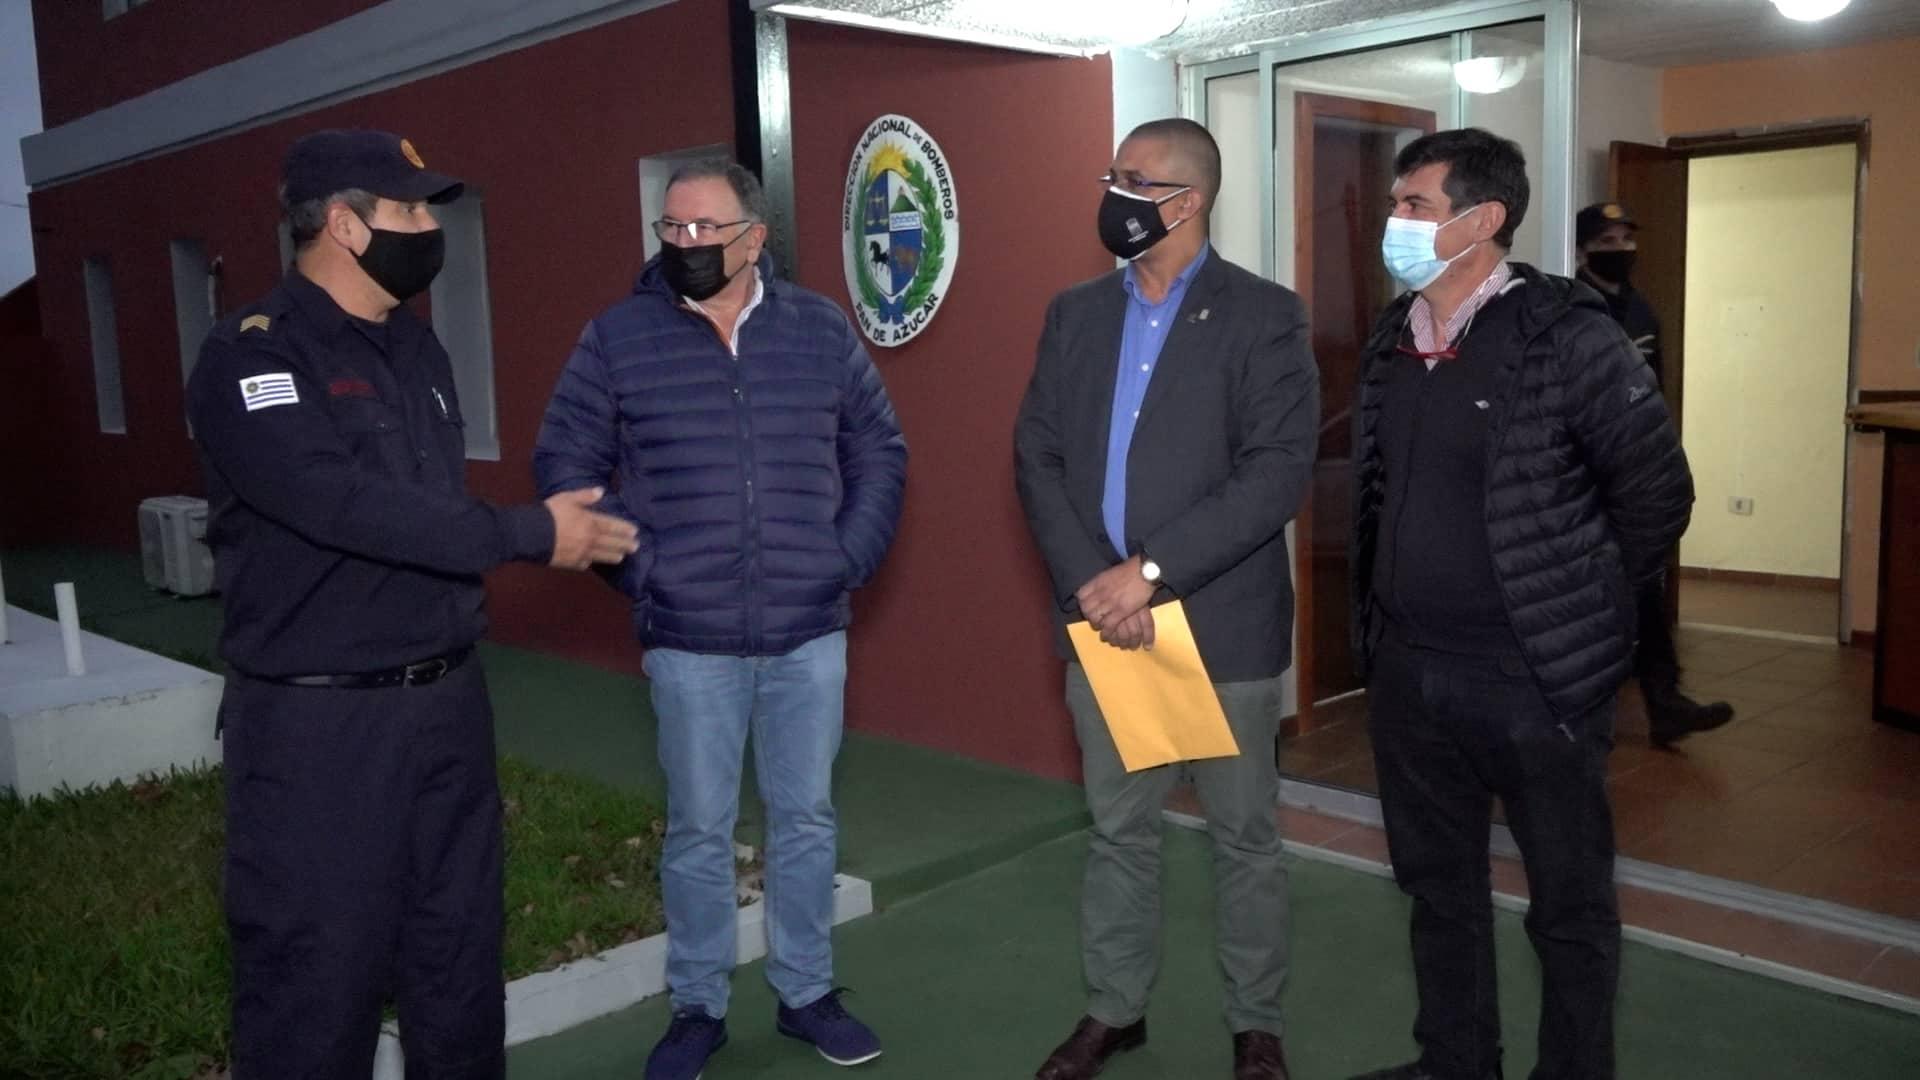 Junta de Maldonado dona mobiliario en desuso al destacamento de bomberos de Pan de Azúcar